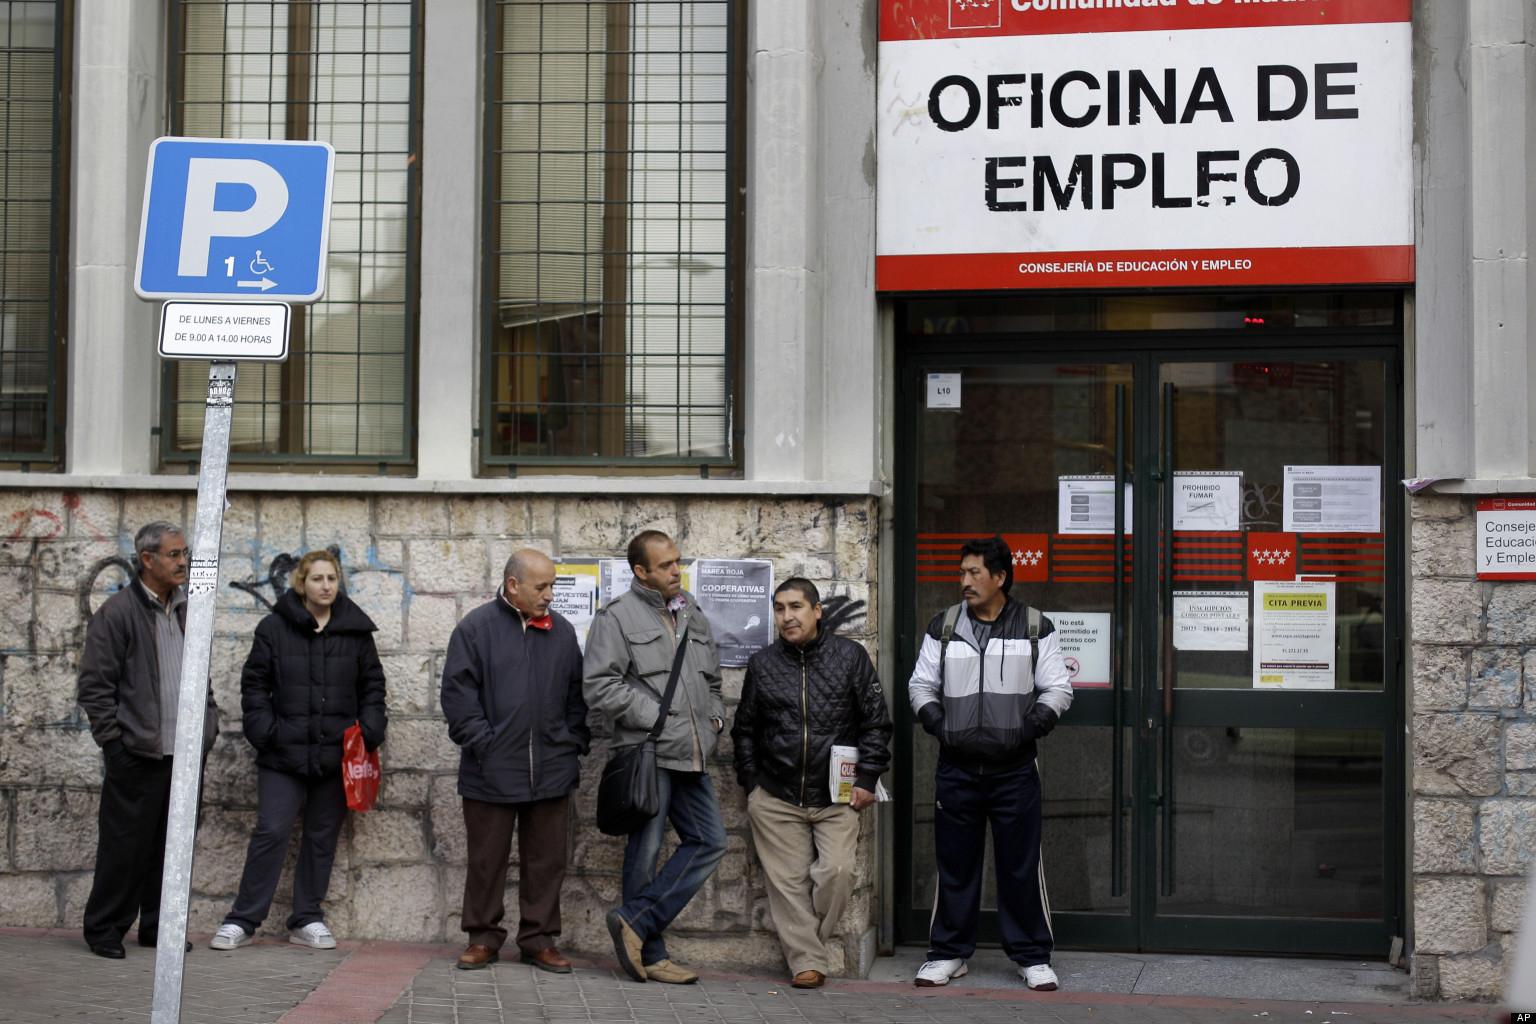 Mỹ: 10 năm sau tỷ lệ thất nghiệp vẫn chưa thể phục hồi